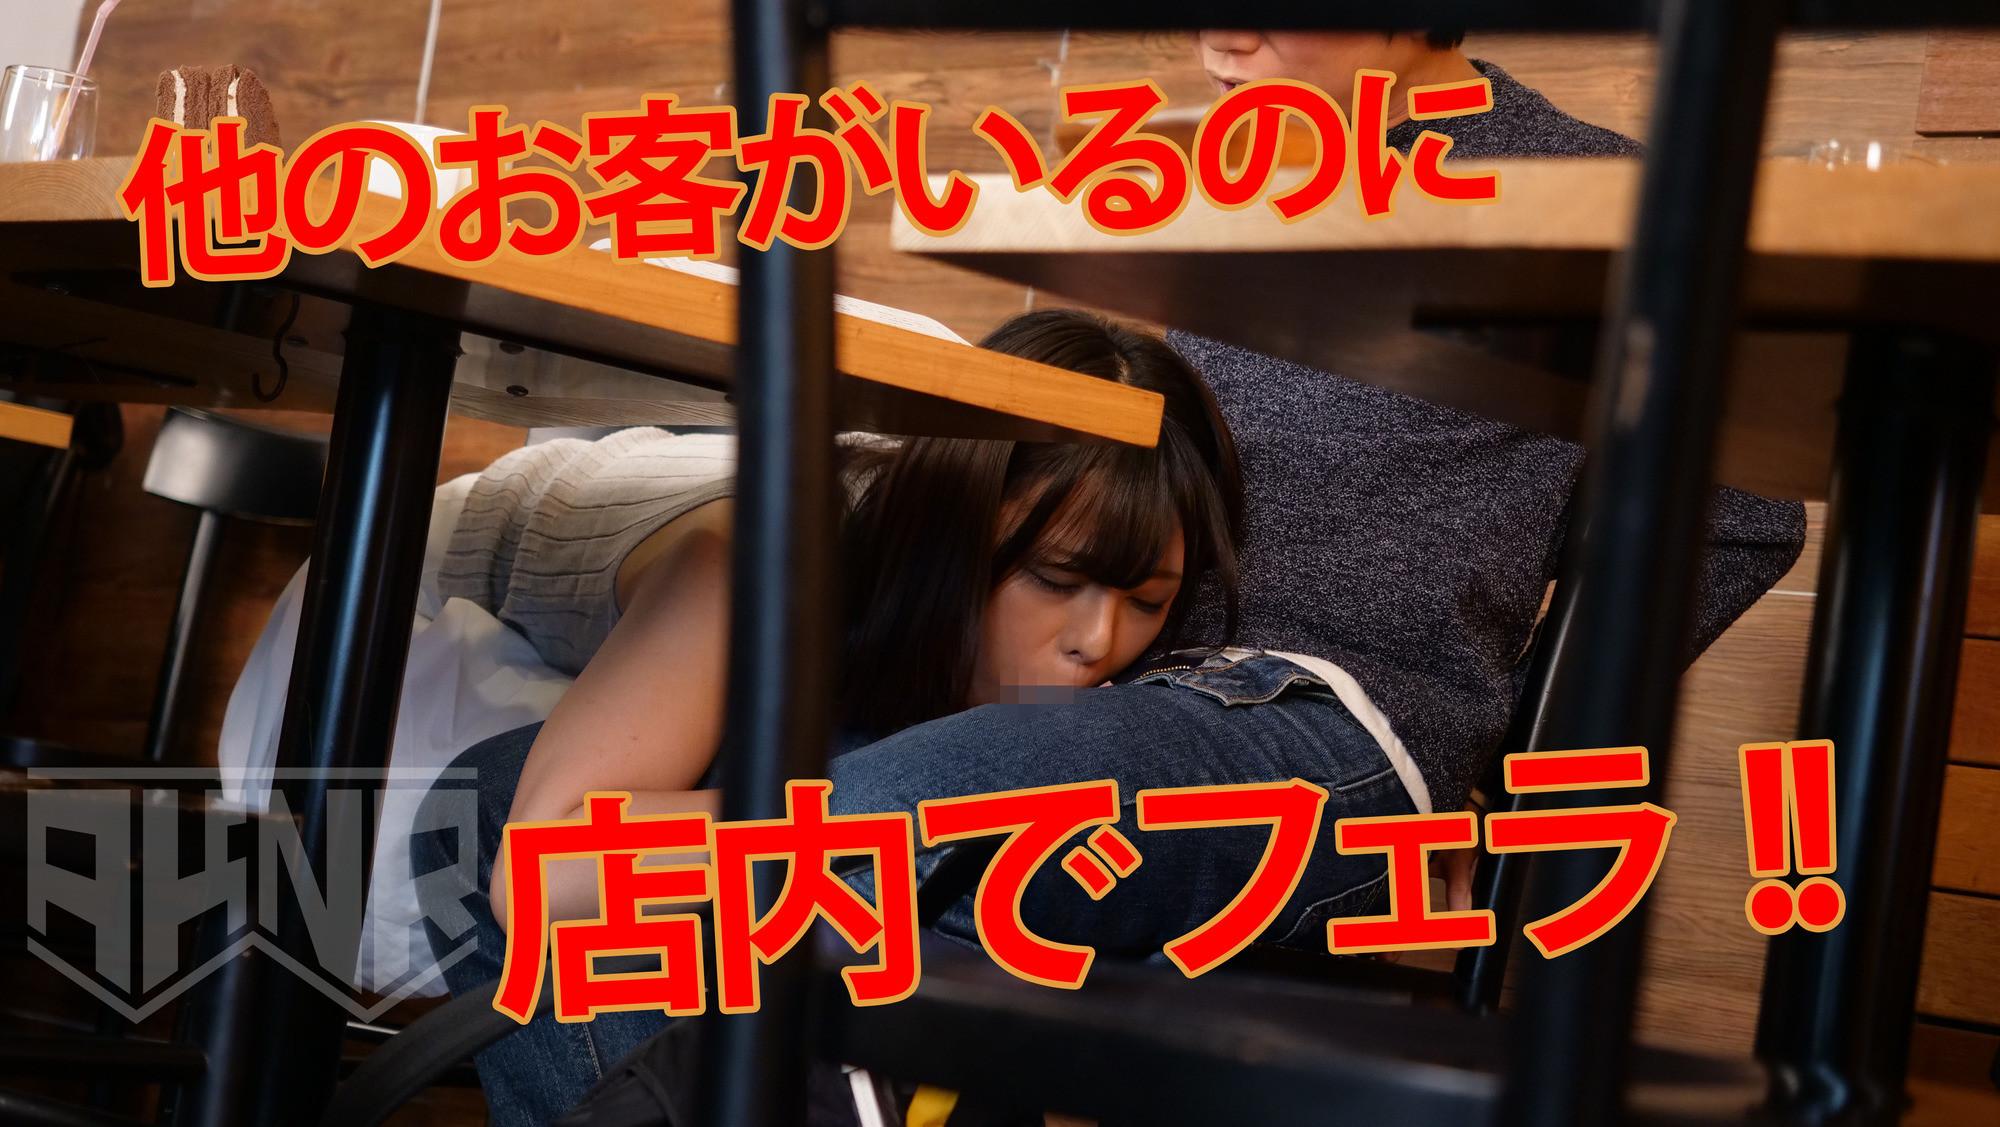 【検証AV】 童貞の席に相席となった女がおっぱいを出したら童貞君はどうする? 画像5